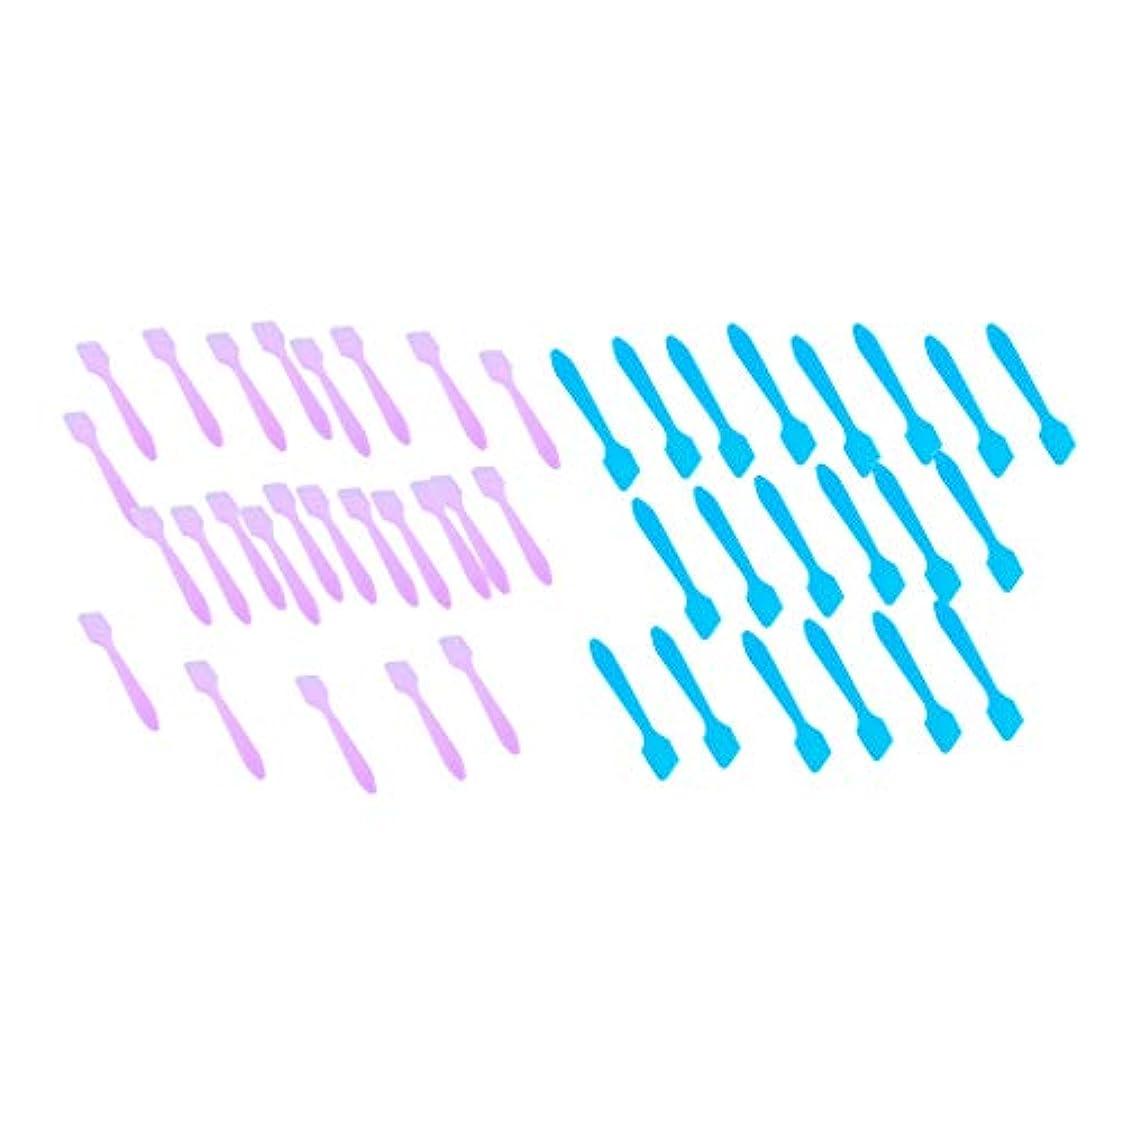 消化器美しい公園CUTICATE 200個セット フェイシャル フェイスマスク混合ツール 化粧品へら 全2選択 - 青+ピンク